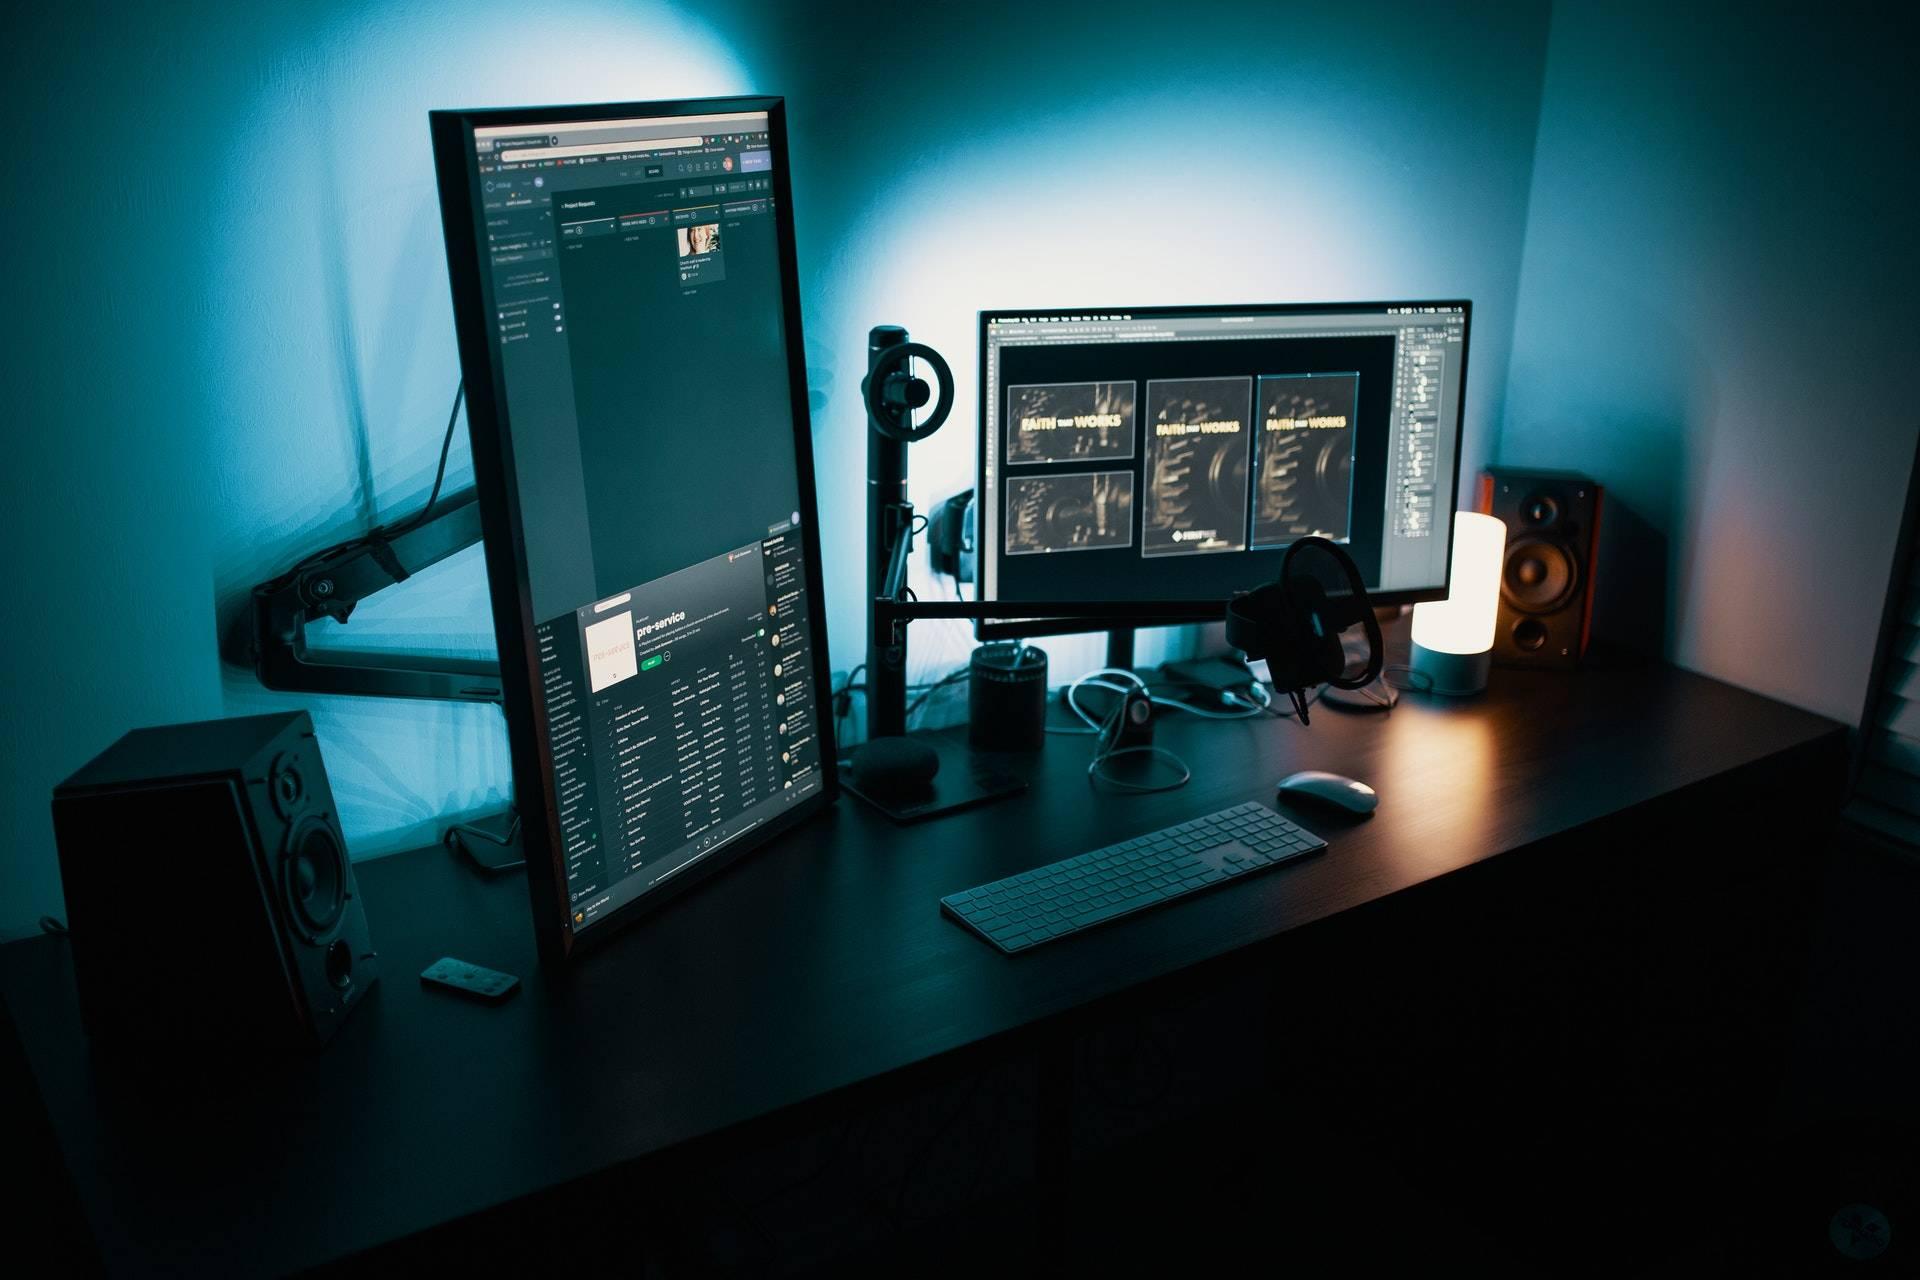 render rechner für keyshot bauen oder kaufen - ein Bericht